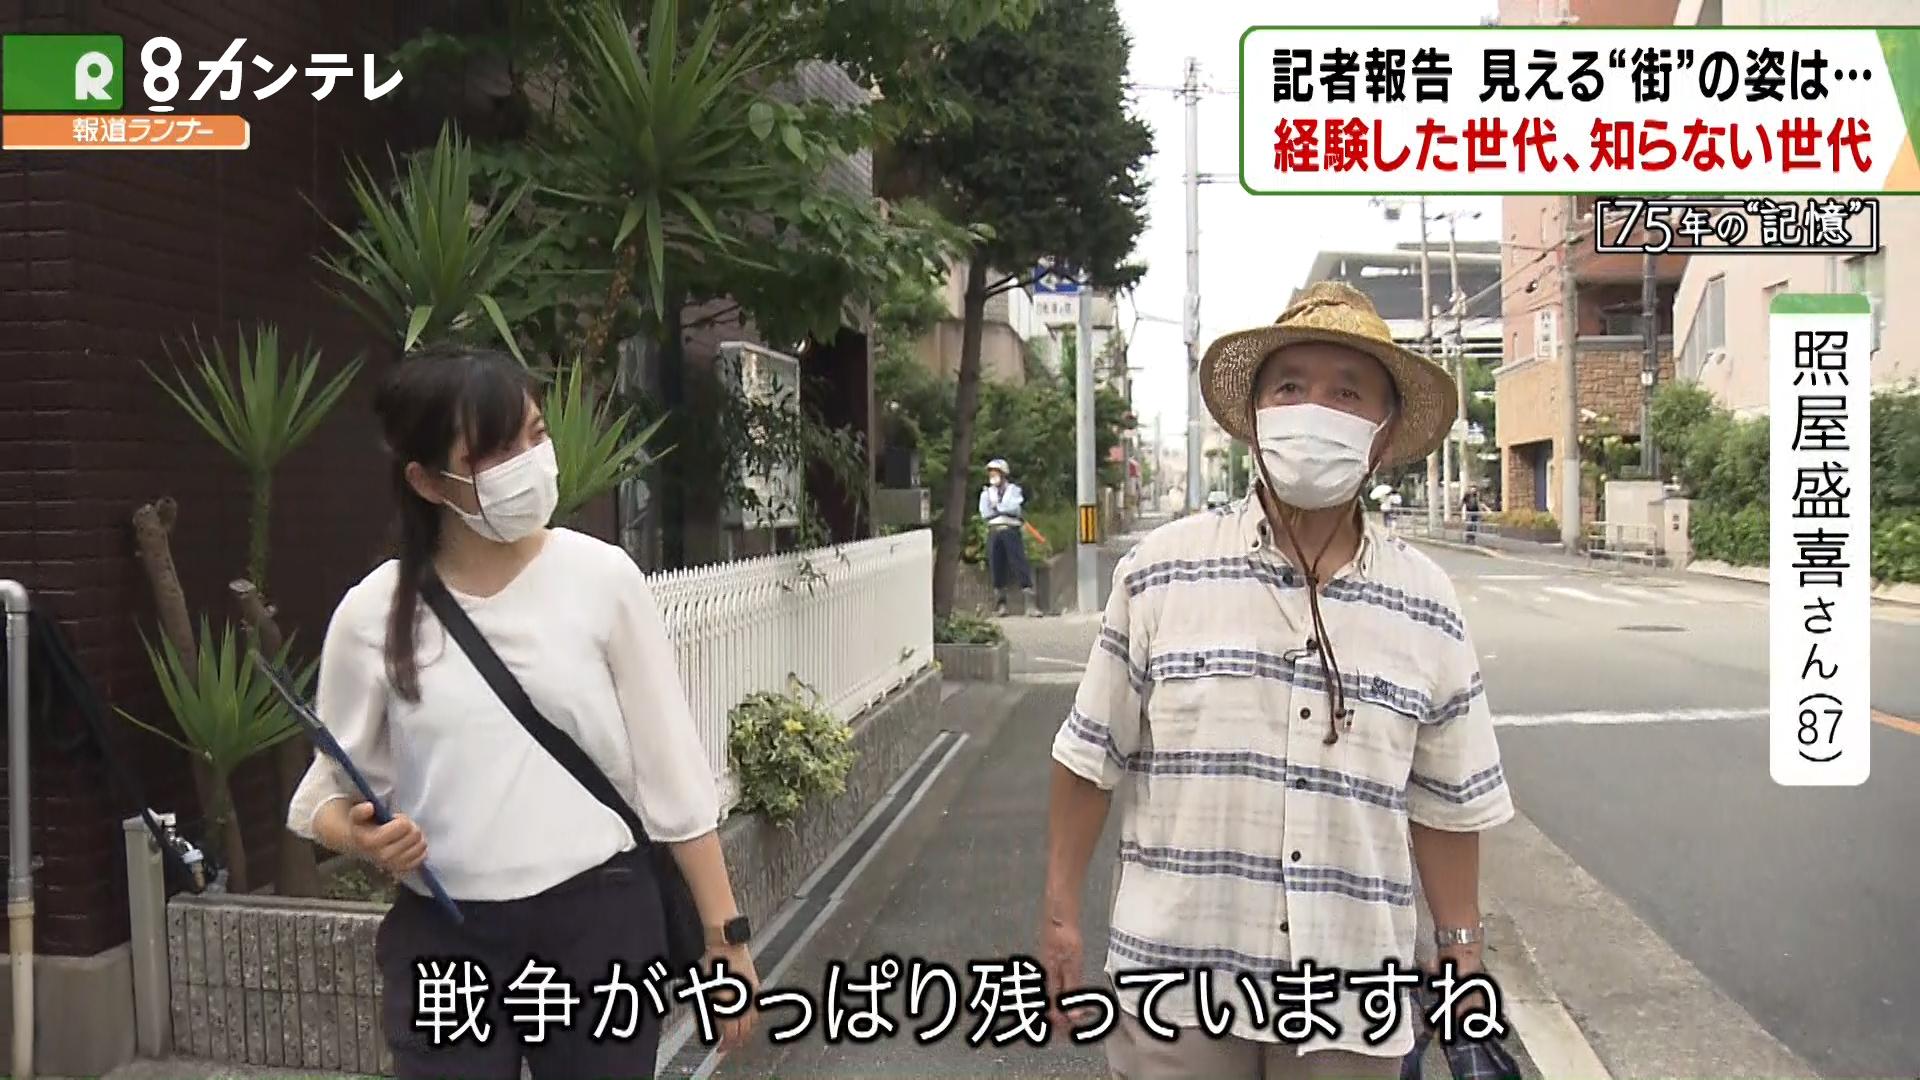 20代の記者が見る 終戦前日の悲劇『大阪・京橋空襲』 戦争を知る世代と知らない世代